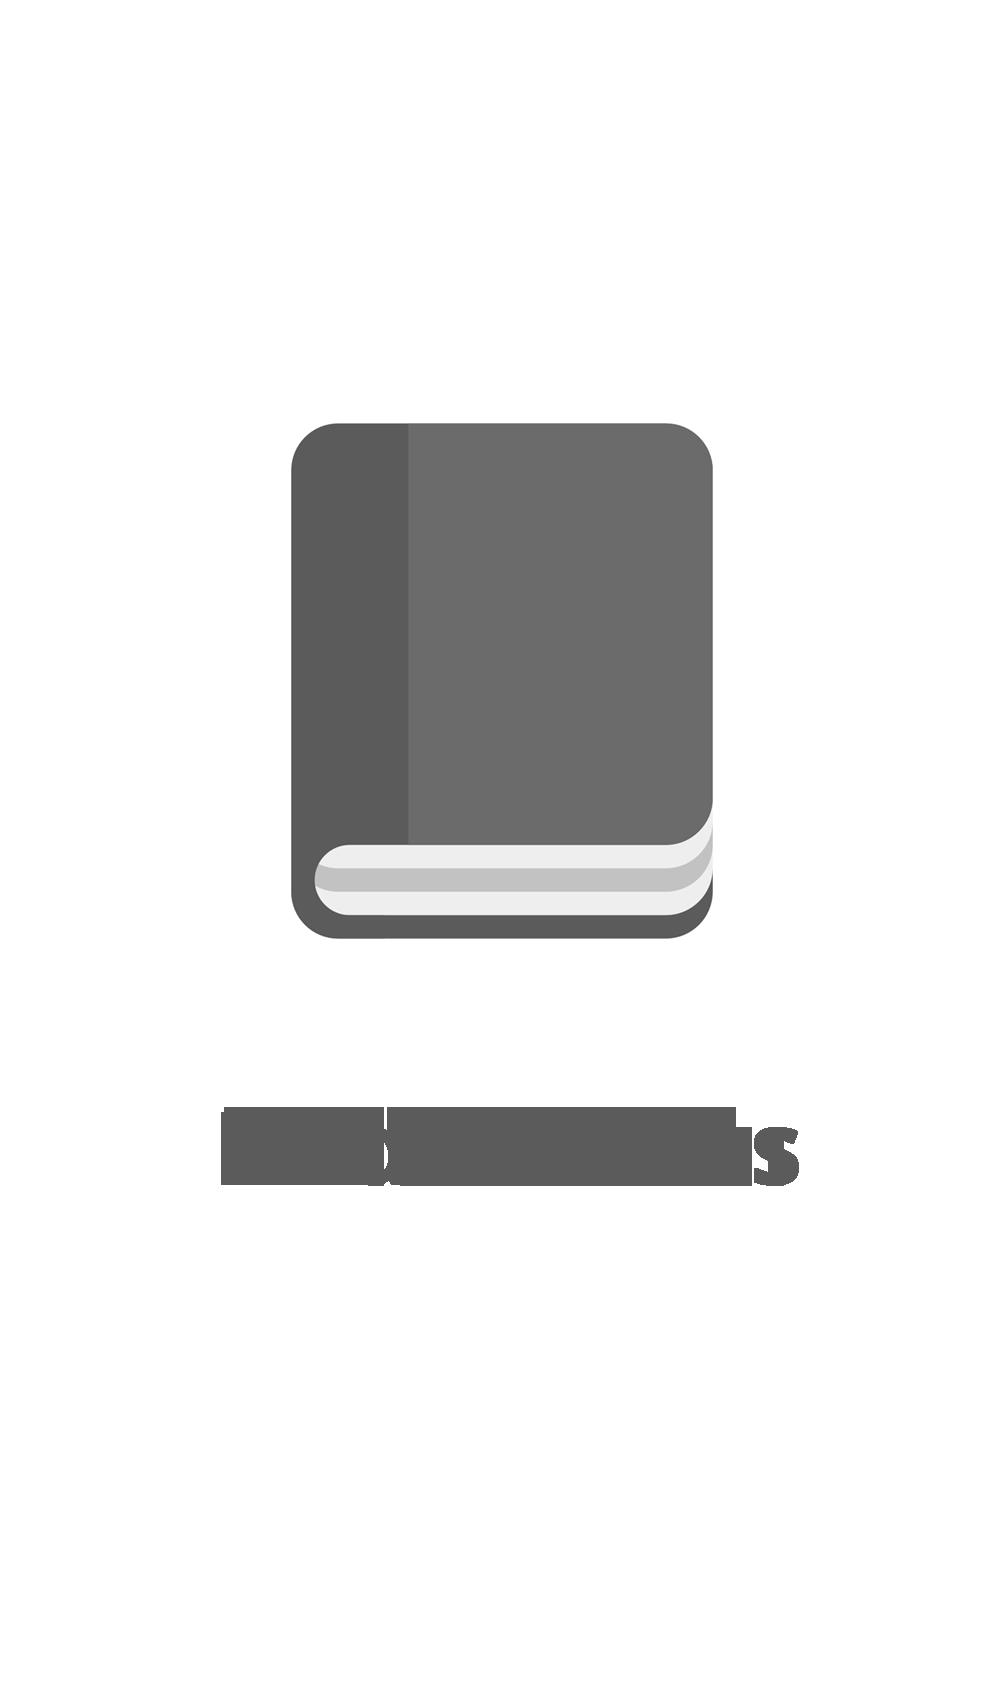 Milo 3 noveller (samlingsvolym)